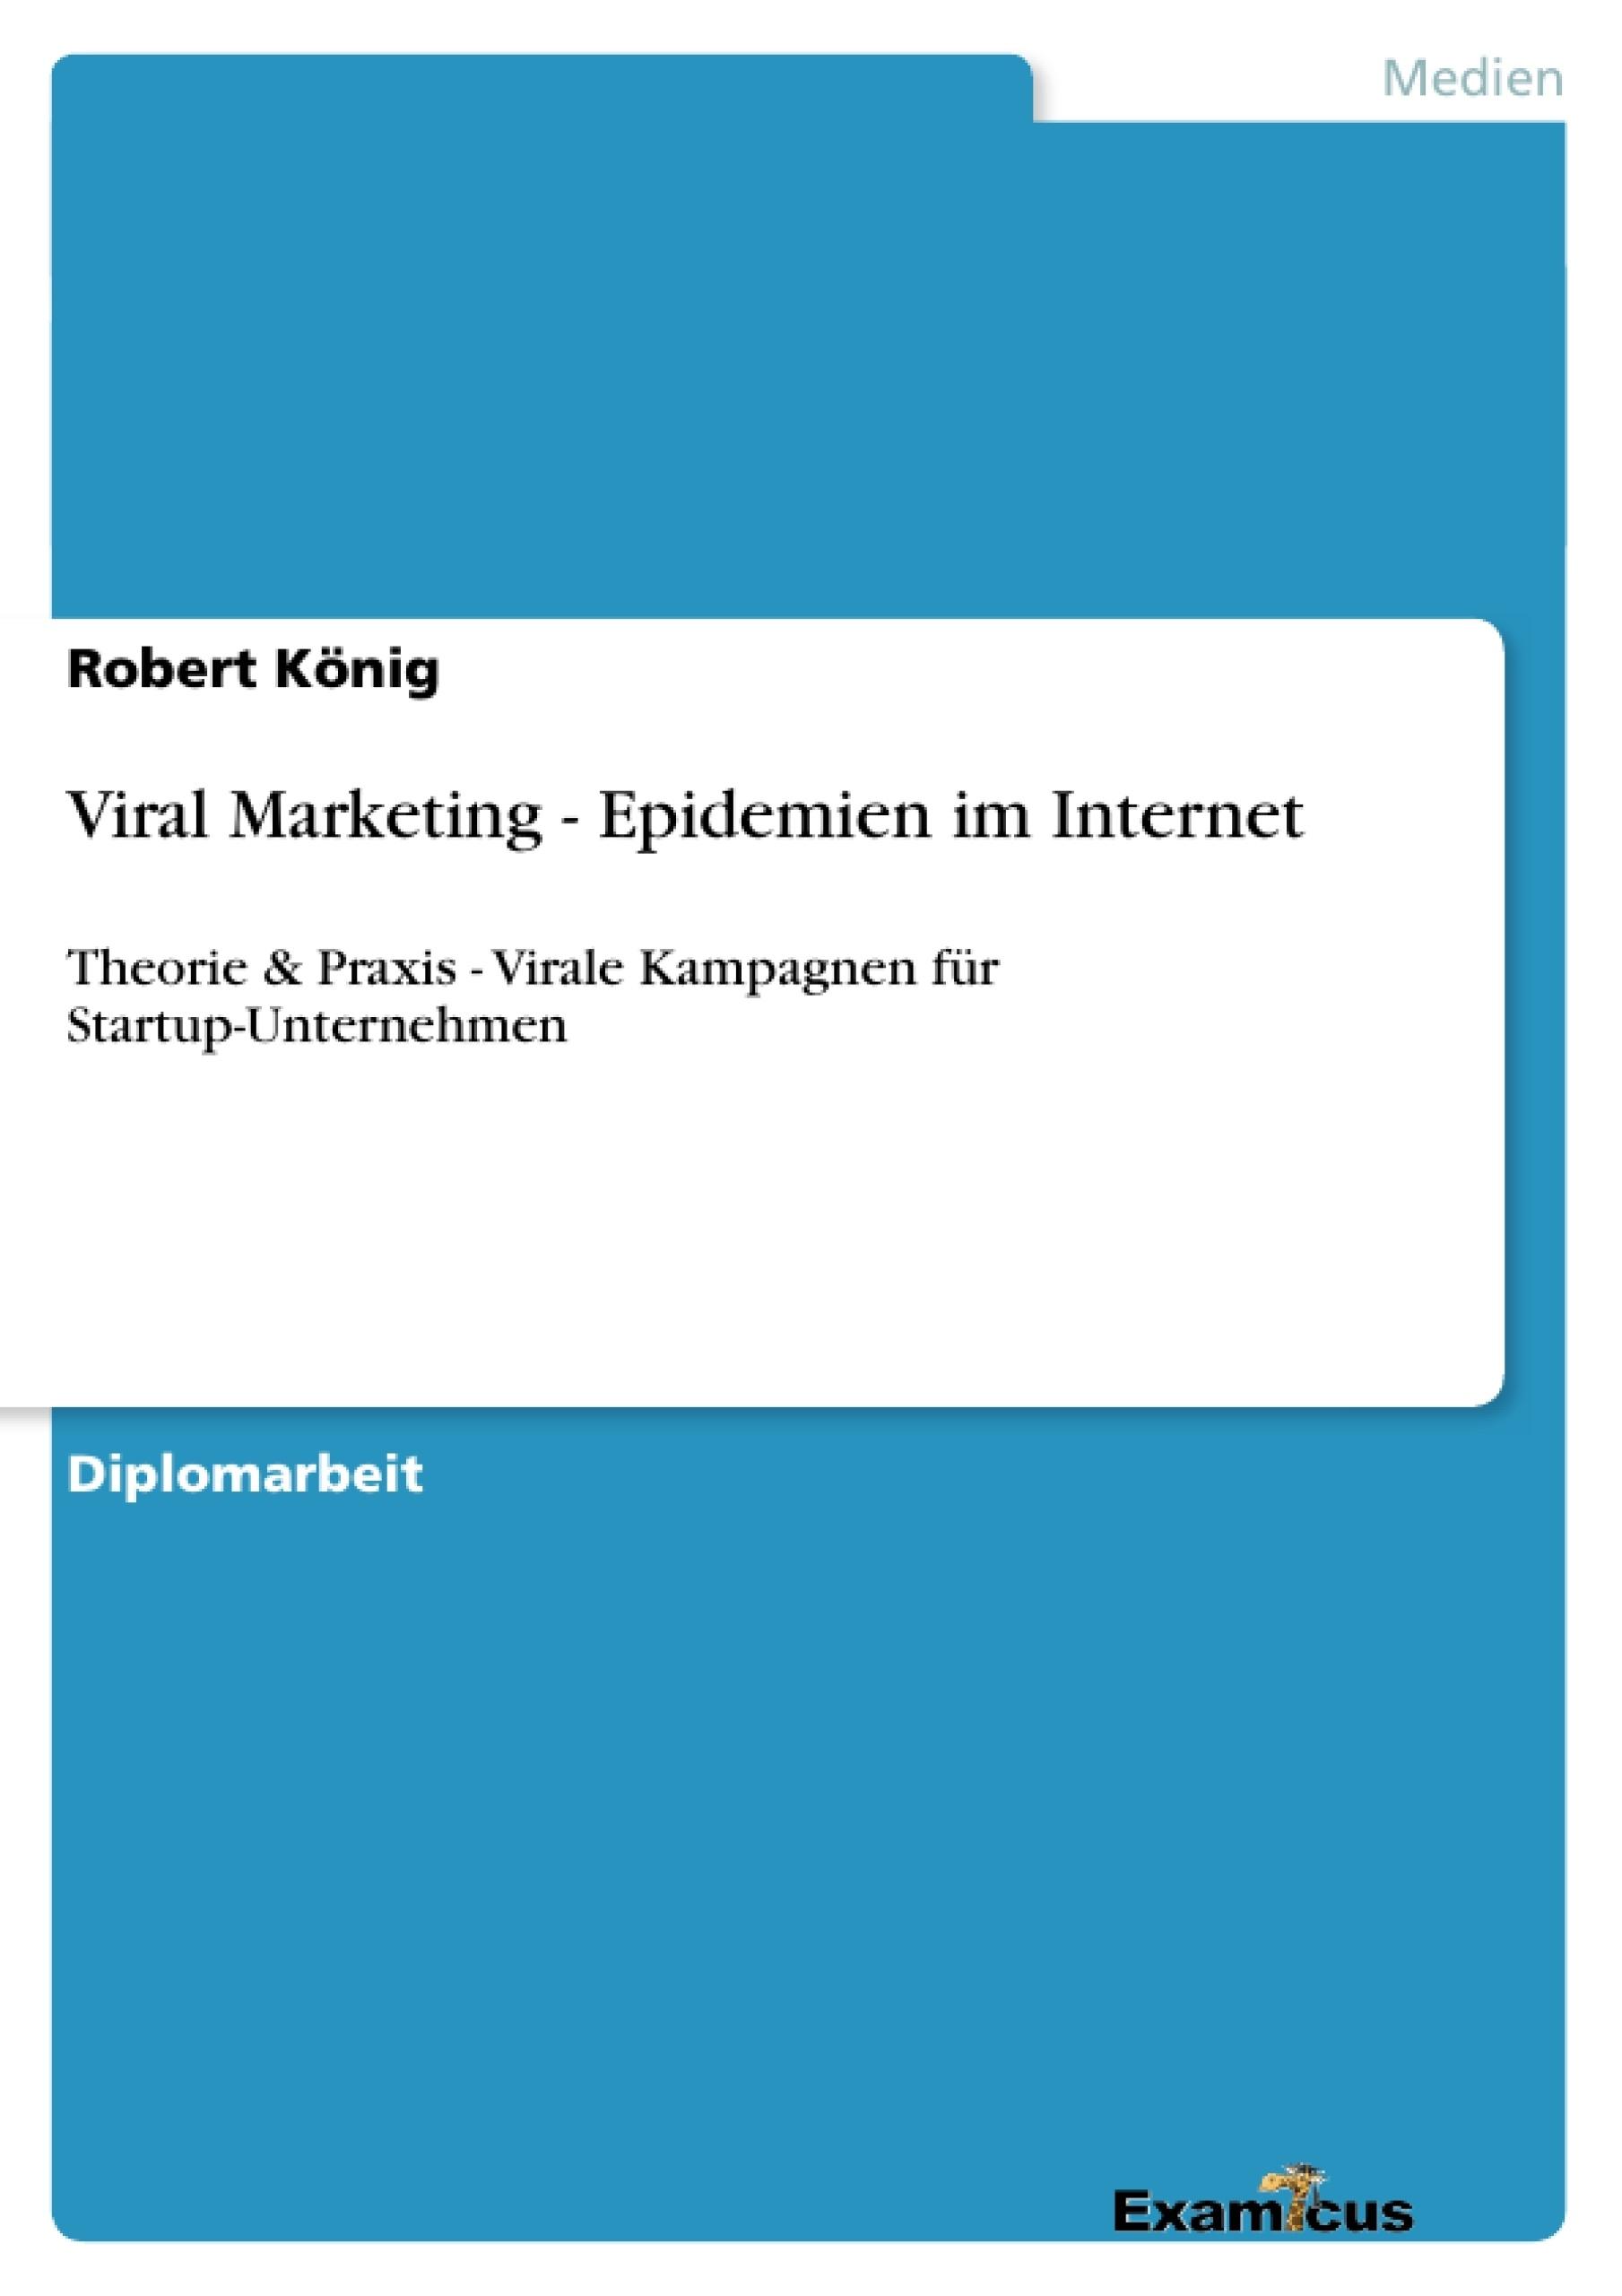 Titel: Viral Marketing - Epidemien im Internet